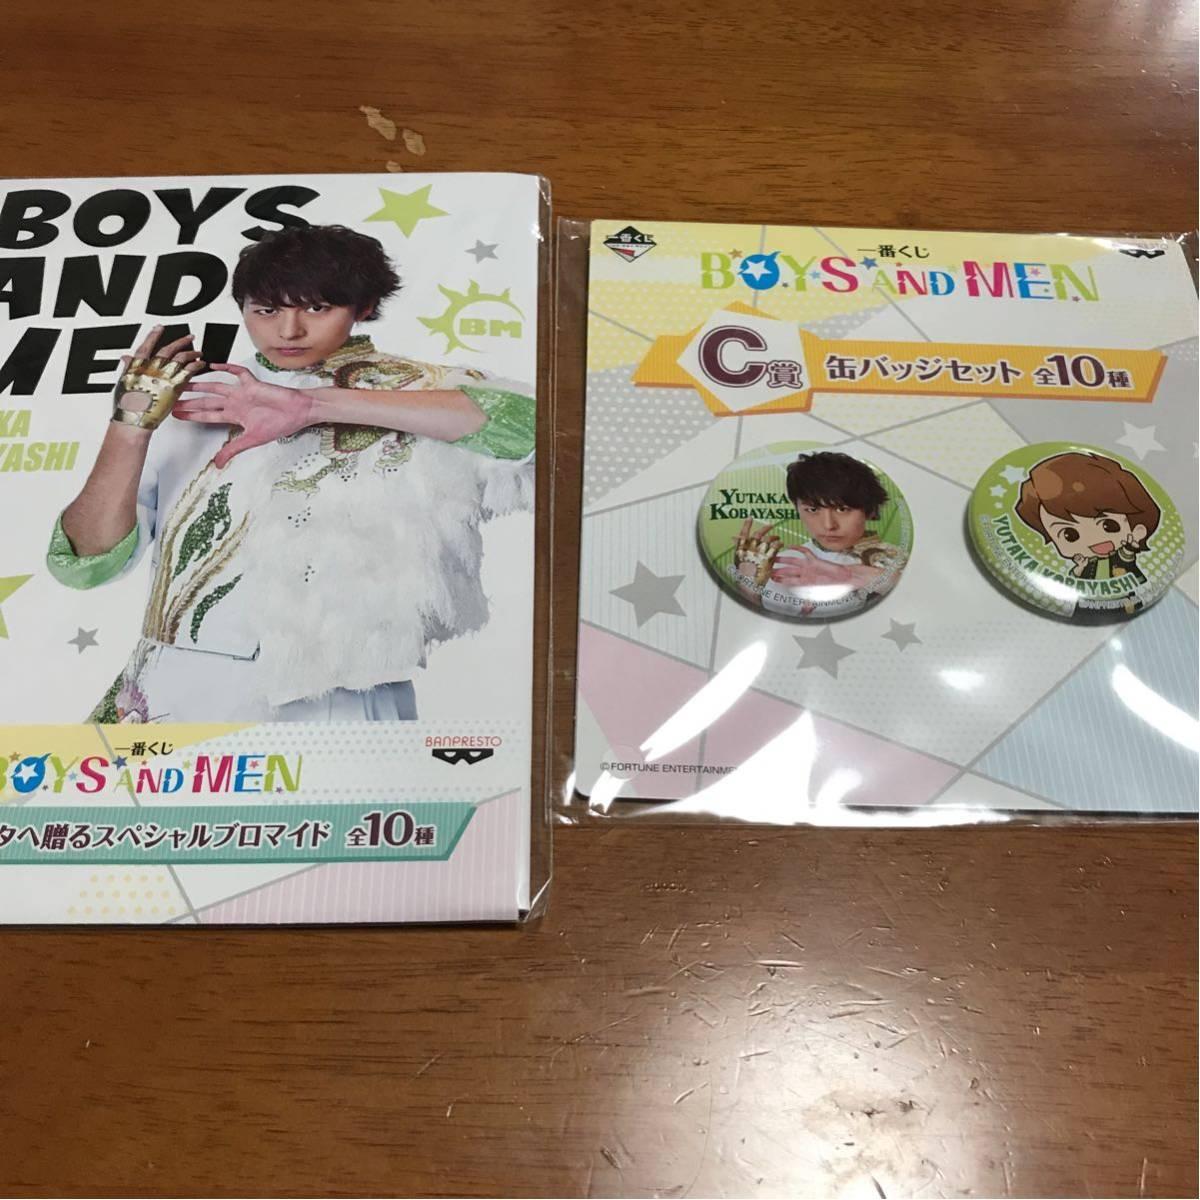 ★BOYS AND MEN ボイメン 一番くじ 小林豊 B賞スペシャルプロマイド C賞 缶バッジセット★